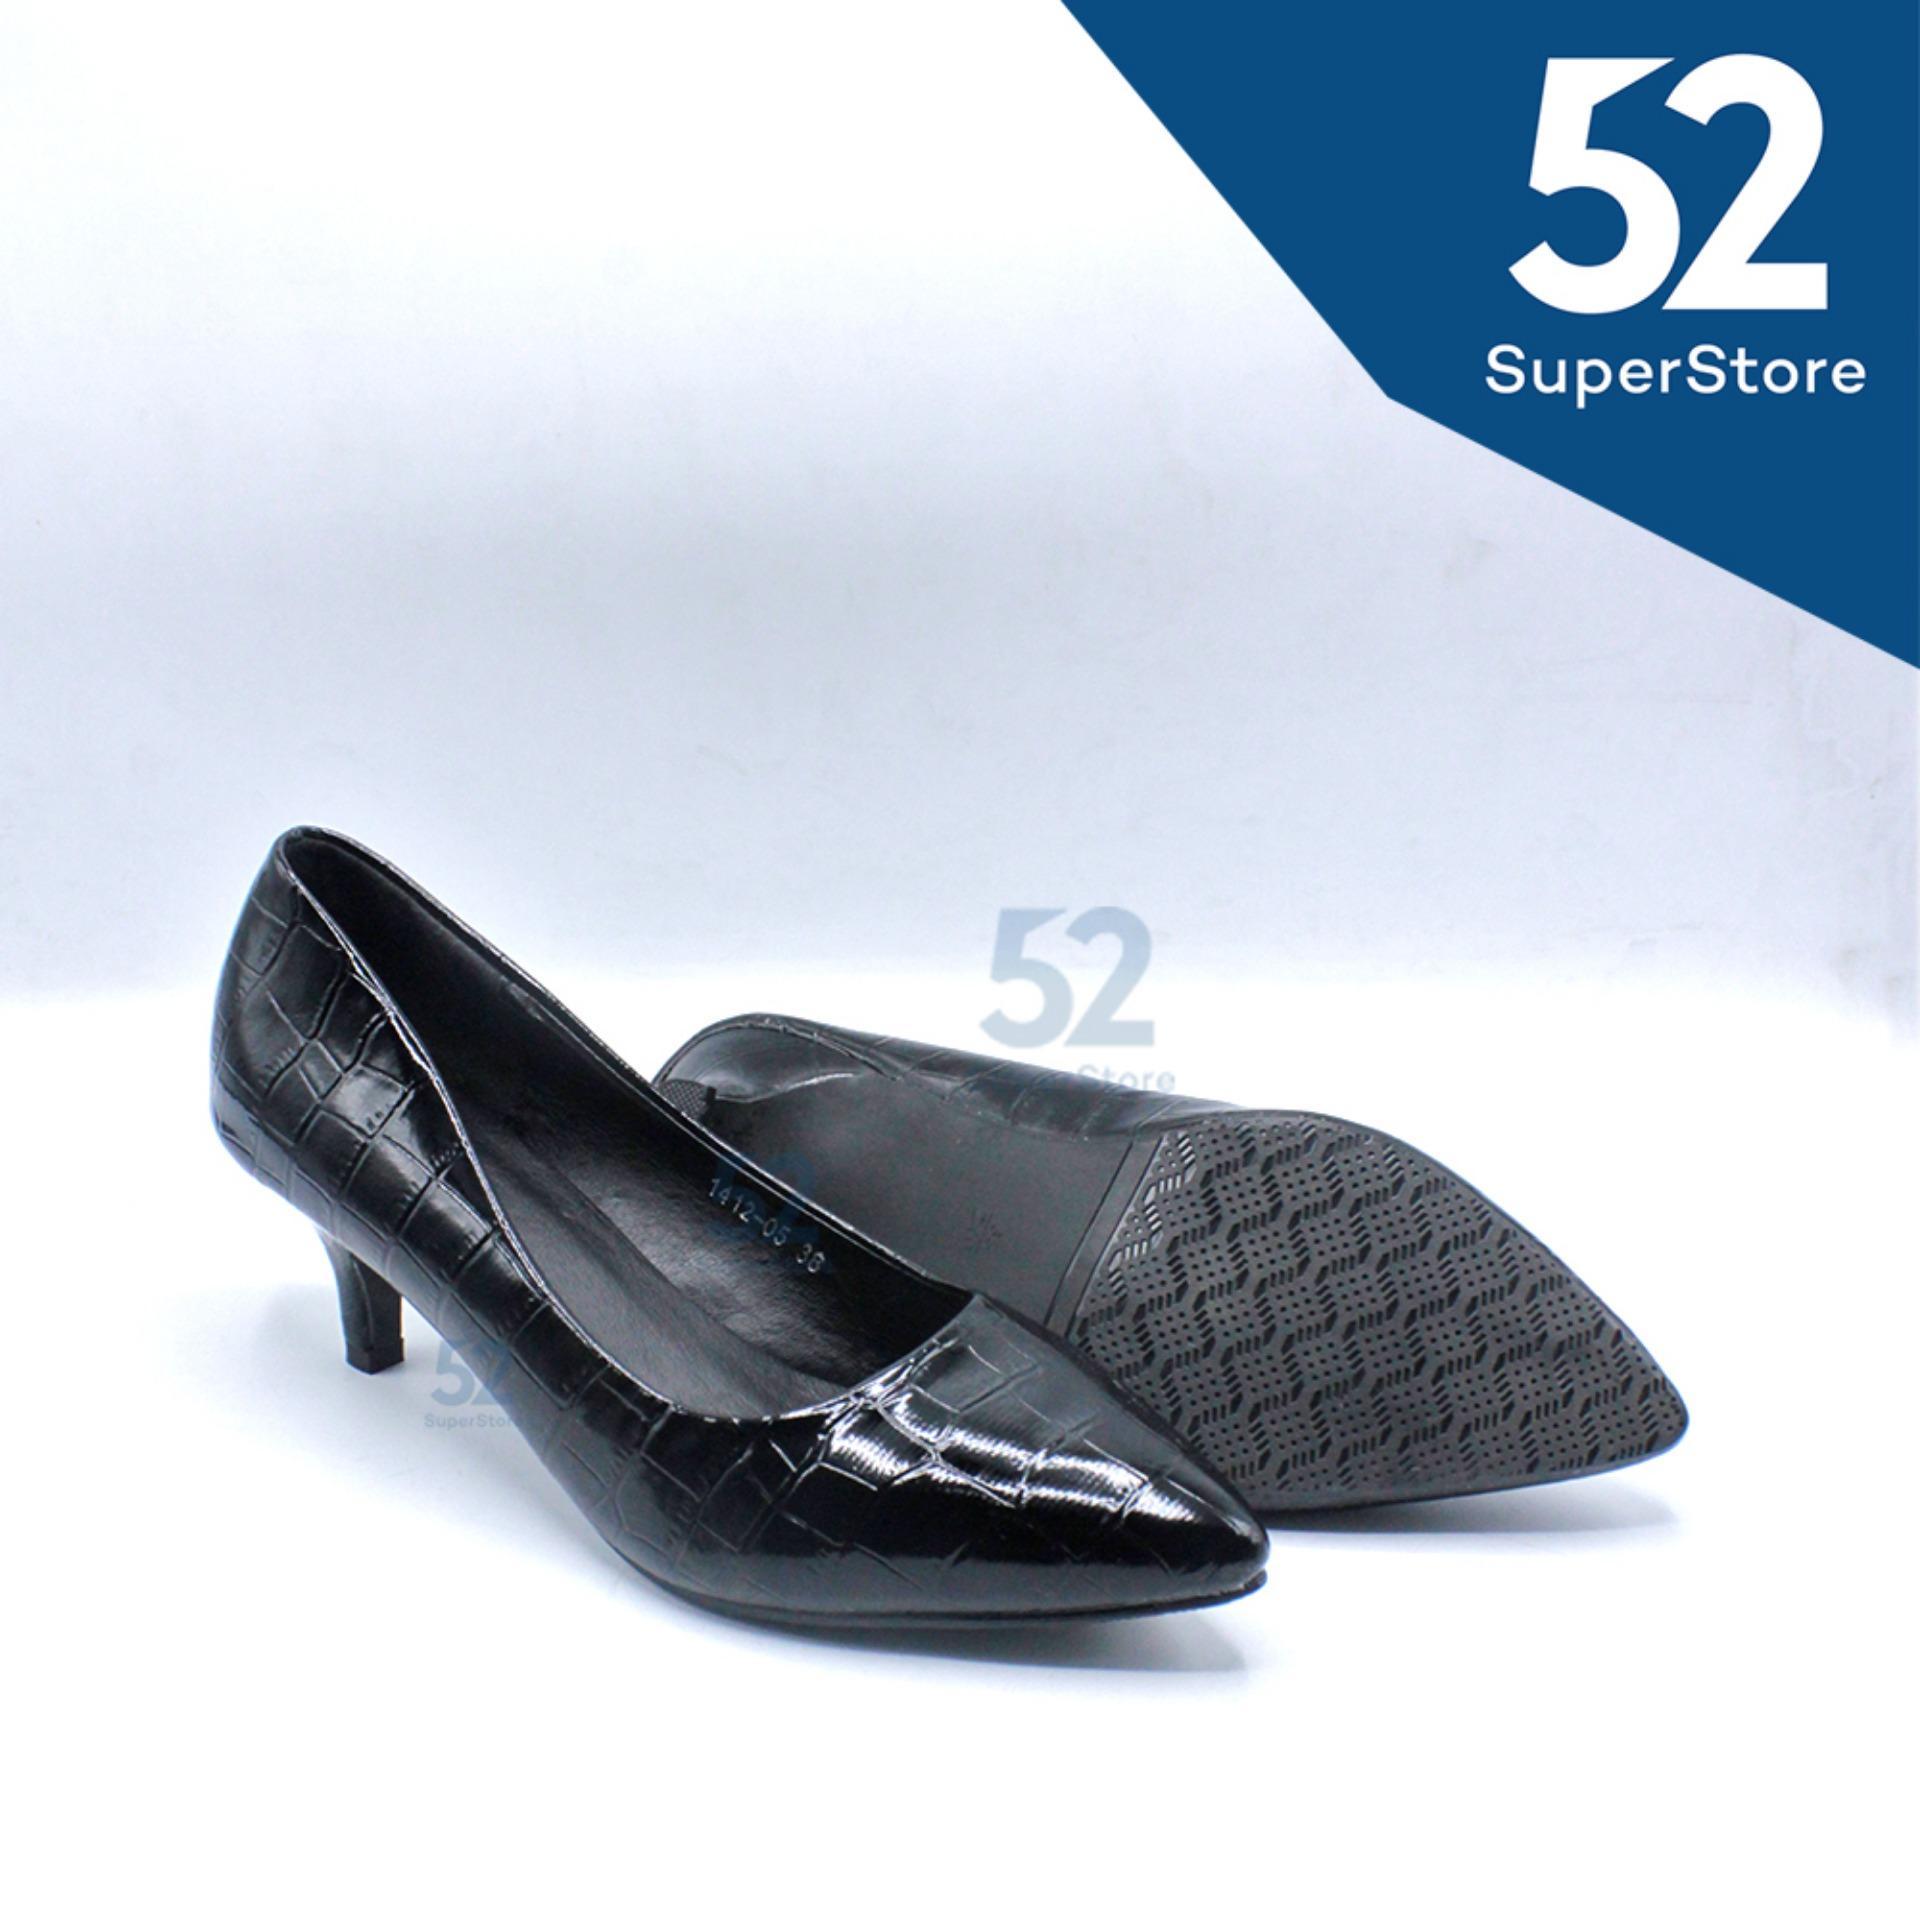 Dea Sepatu Fantofel Wanita 1503 03 Hitam Daftar Harga Terbaru Dan Regina High Heels Hak 5 Cm 1611 115 168 D Red 1412 05 Black Size 36 41 2